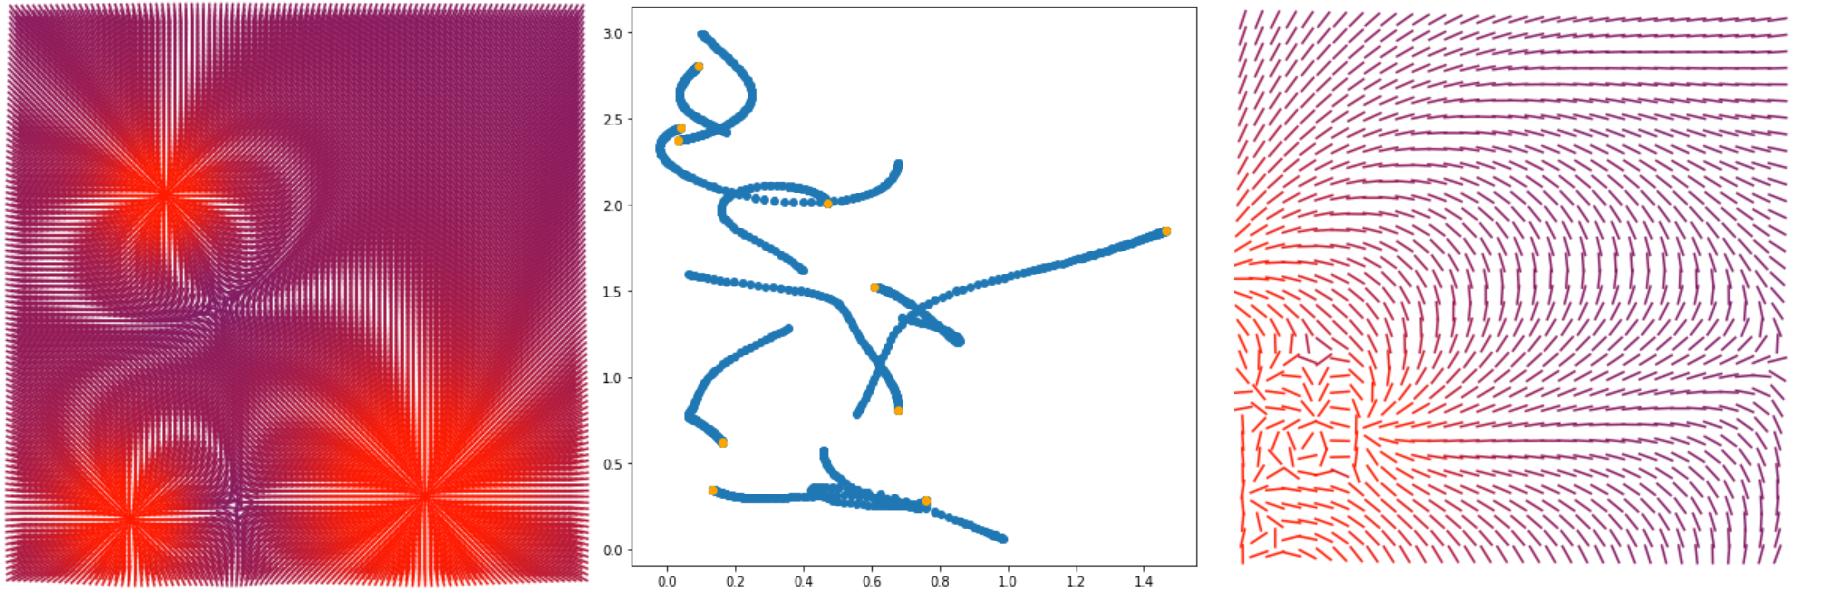 Элементарная симуляция кастомного физического взаимодействия на python + matplotlib